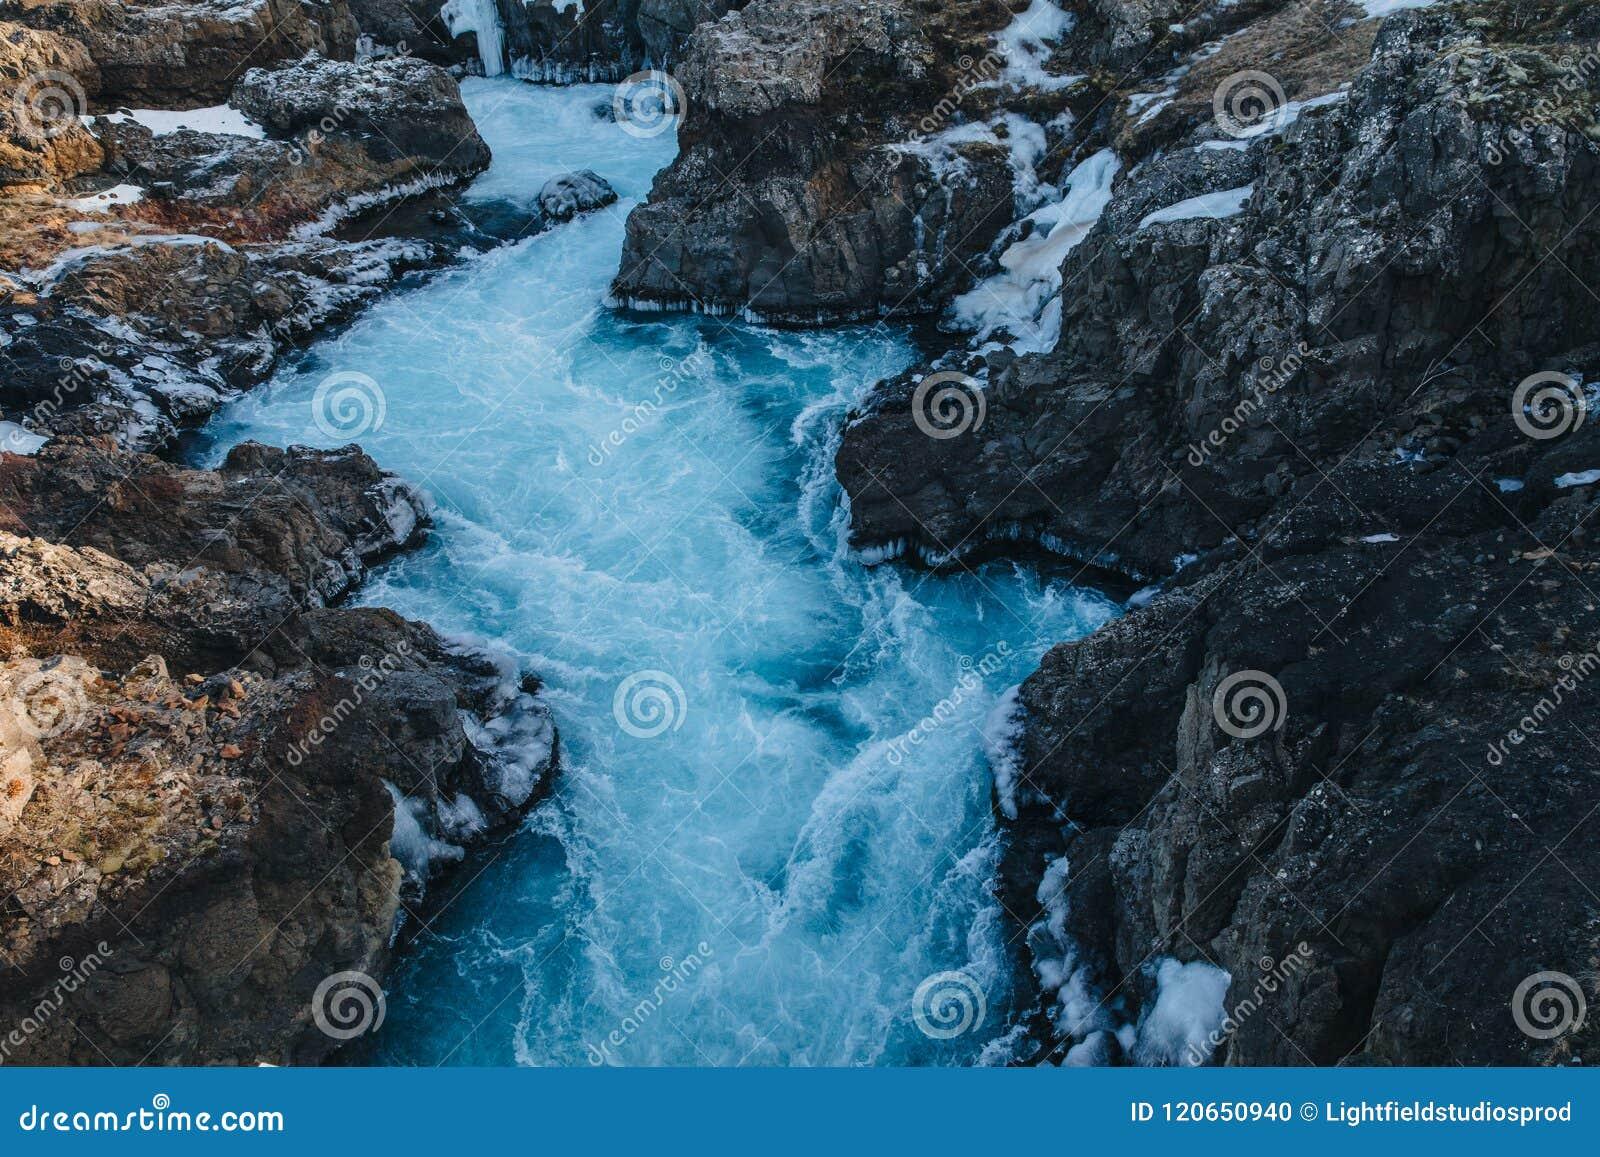 красивый быстрый поток с холодной водой и утесами